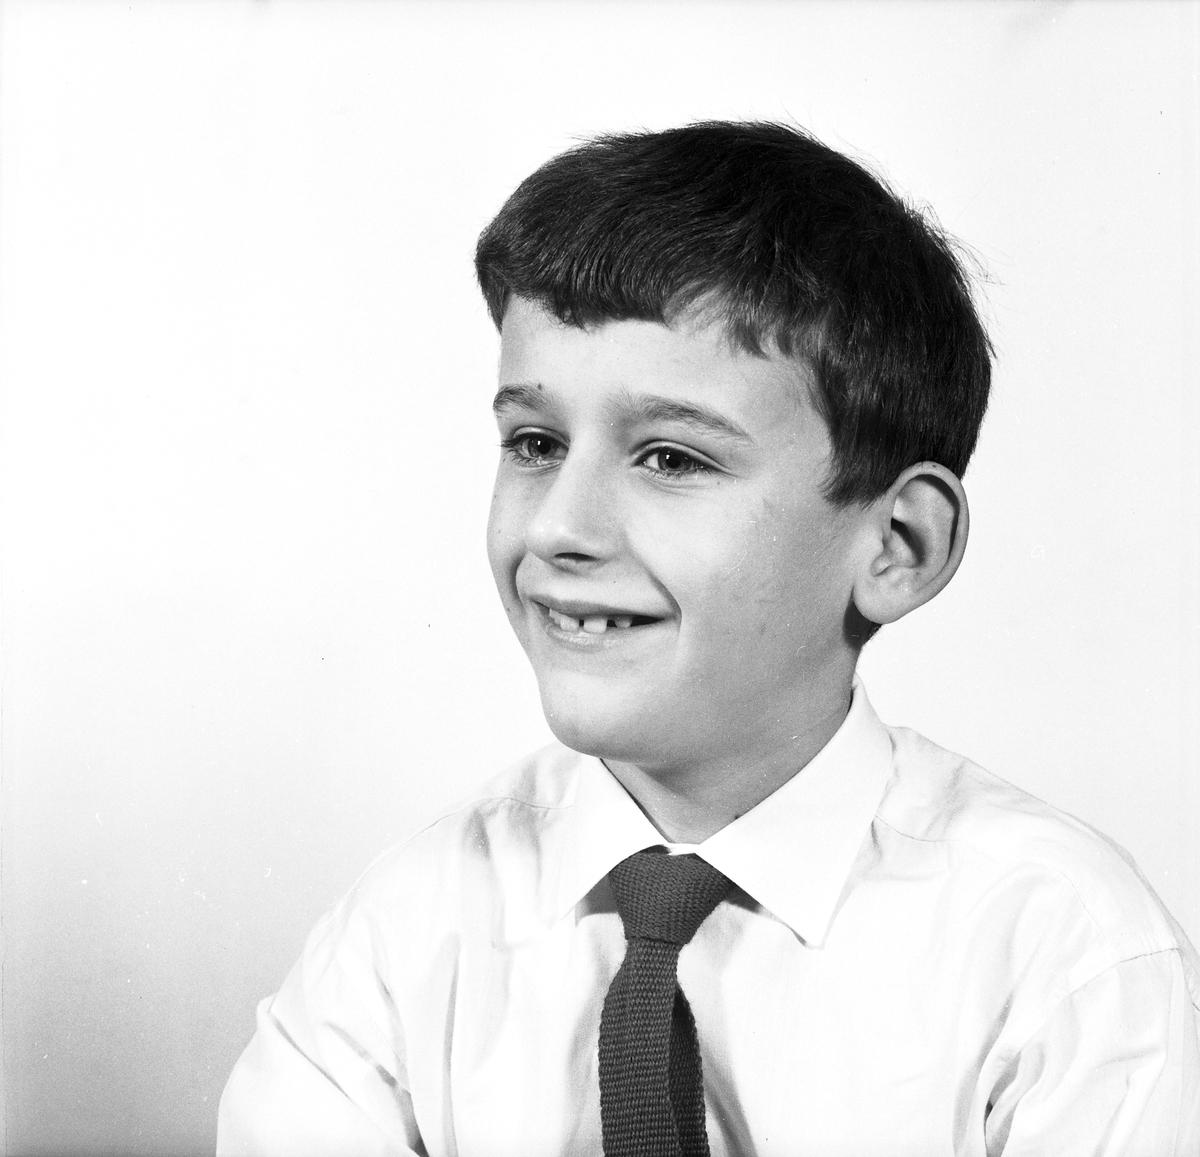 Fotografi av pojke.